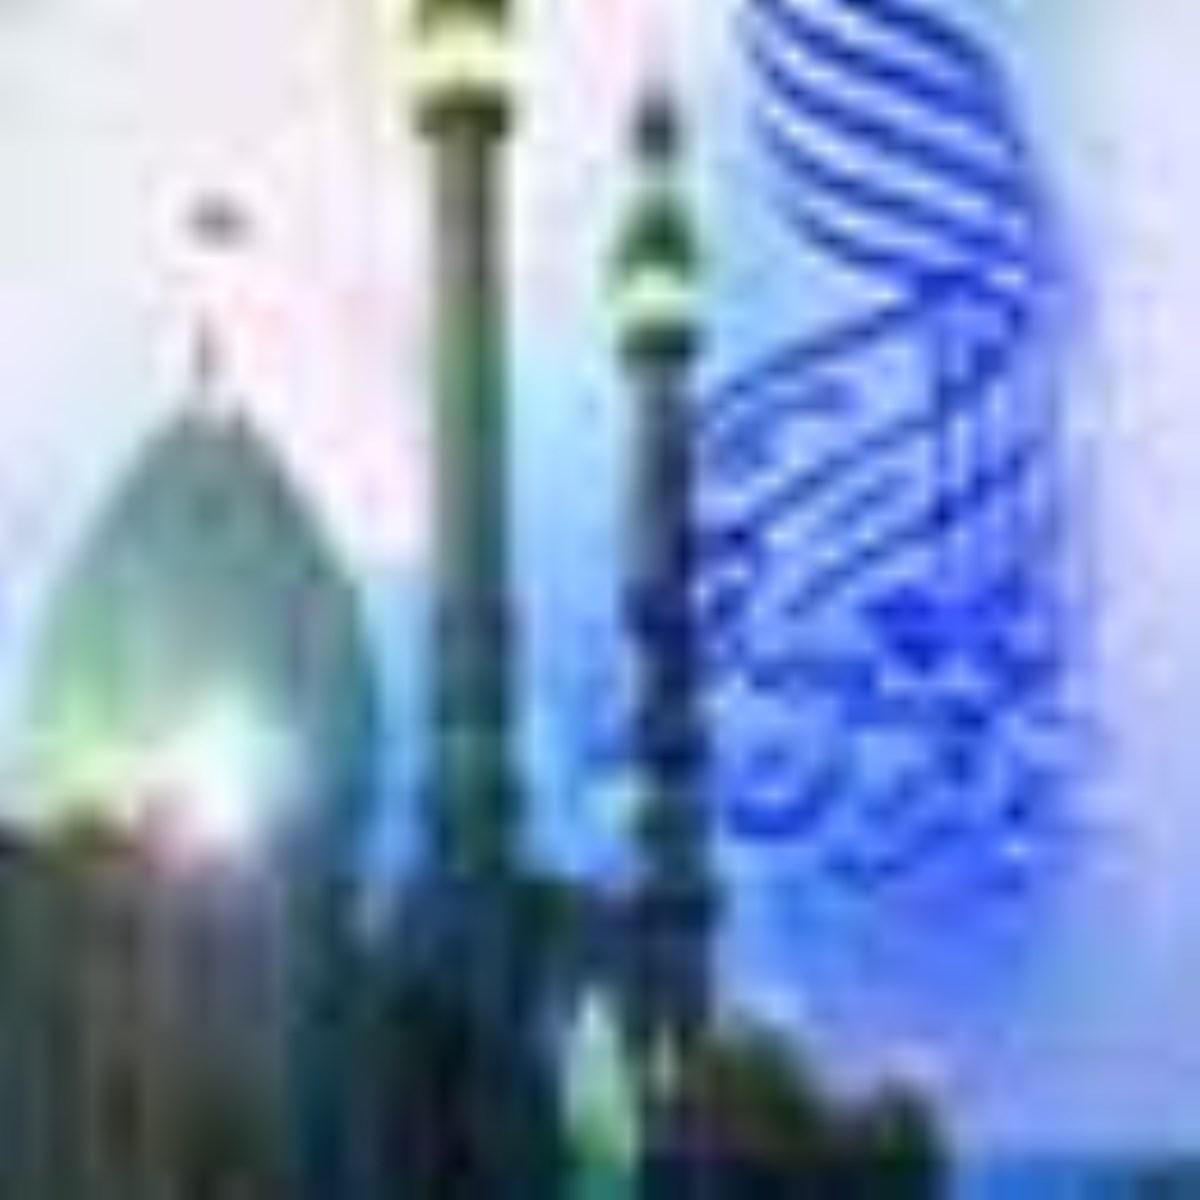 تشرفِ سید بحرالعلوم (رحمت الله علیه) در سرداب مطهر